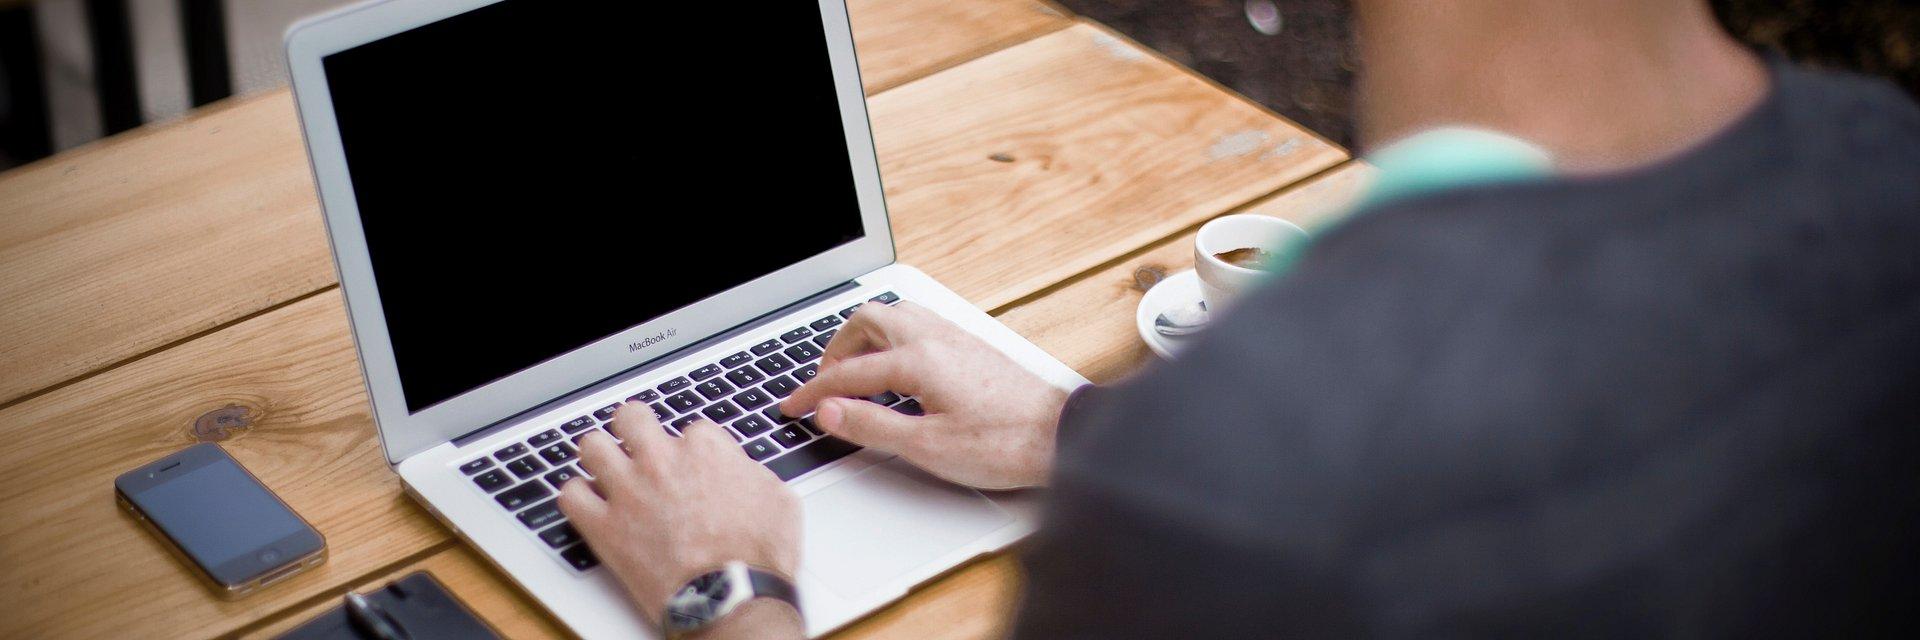 Jak pozyskać ruch do sklepu internetowego?